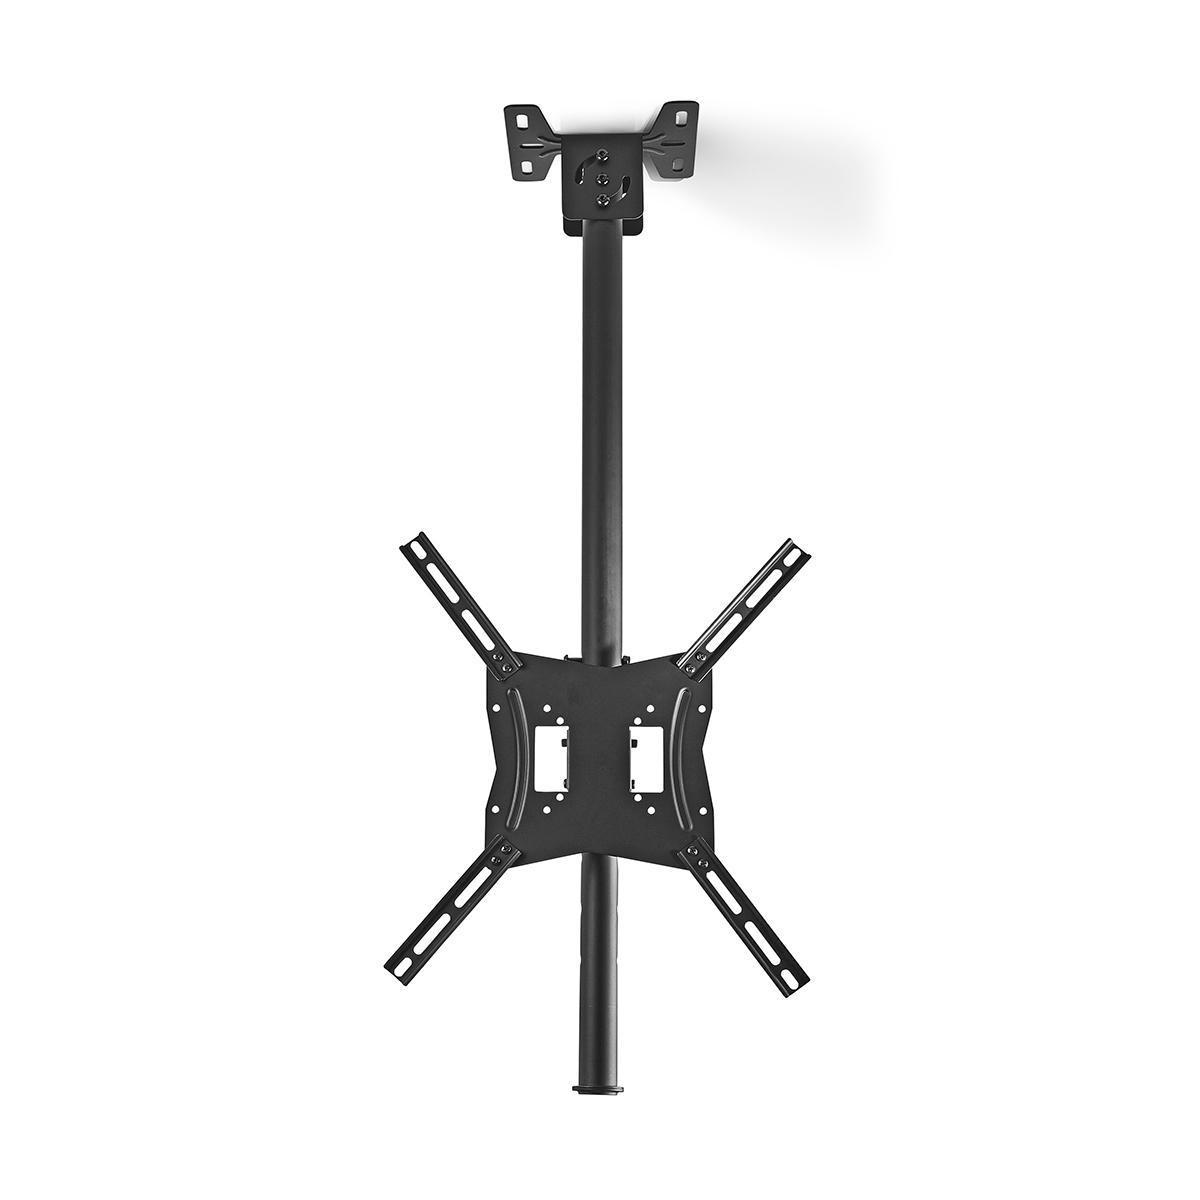 Deze TVCM1330BK plafondbeugel van Nedis® is de meest veelzijdige oplossing voor het ophangen van je tv. Waarom zou je je tv meer ruimte in laten nemen dan nodig? Met deze plafondbeugel hang je je tv eenvoudig aan het plafond.